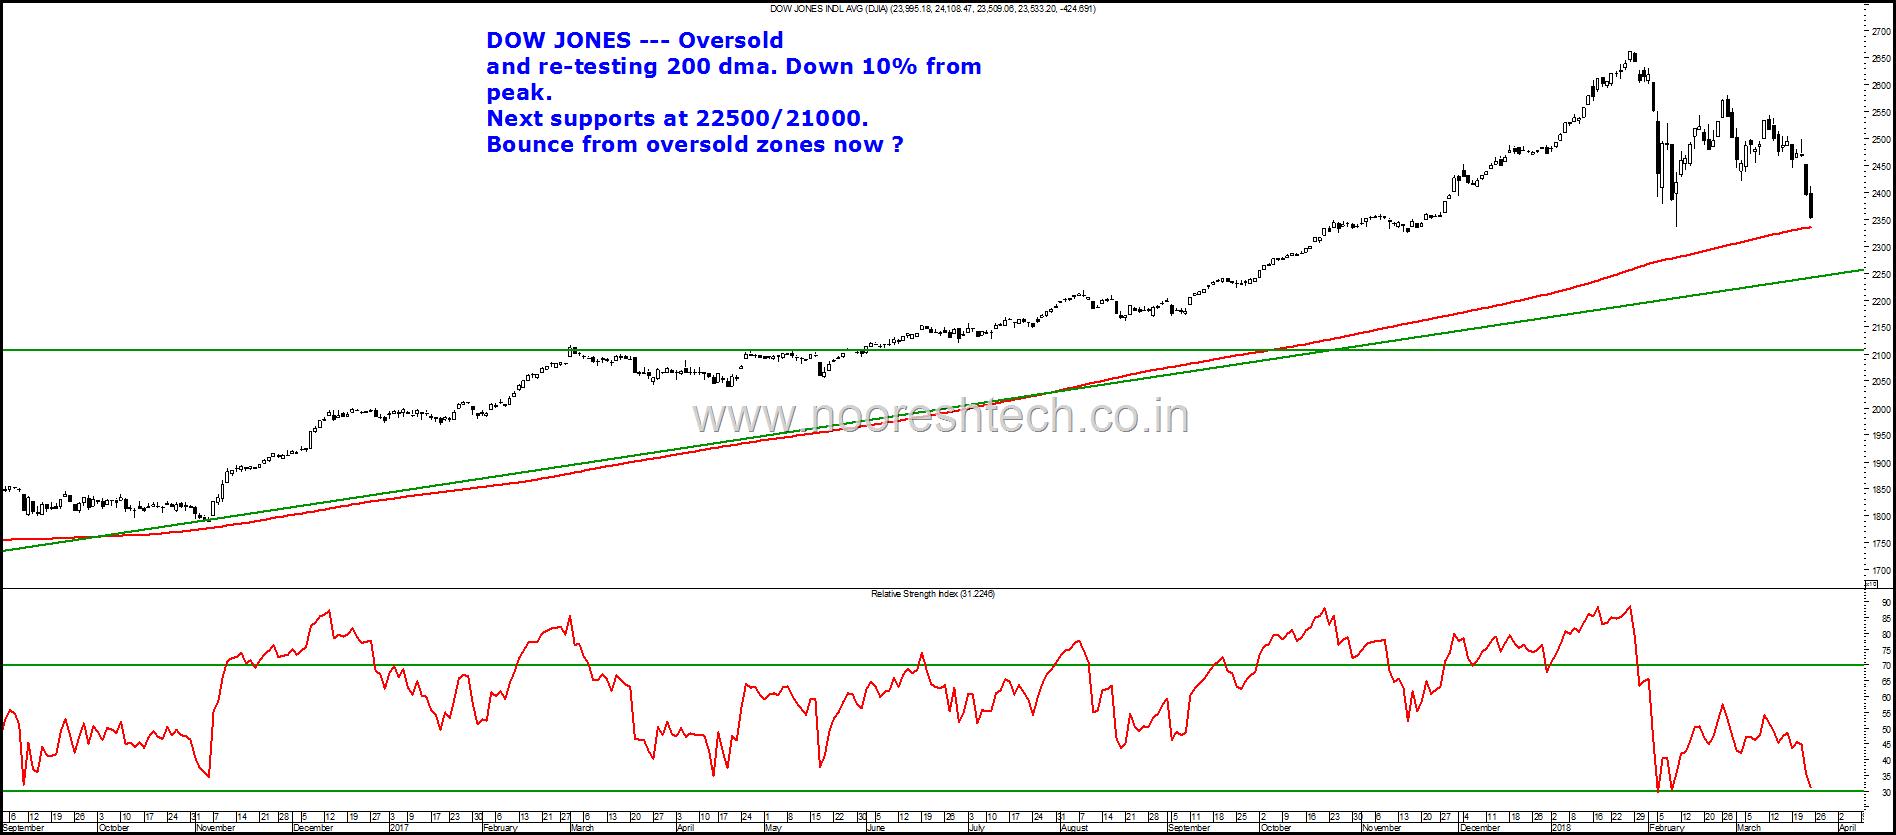 Dow Jones March